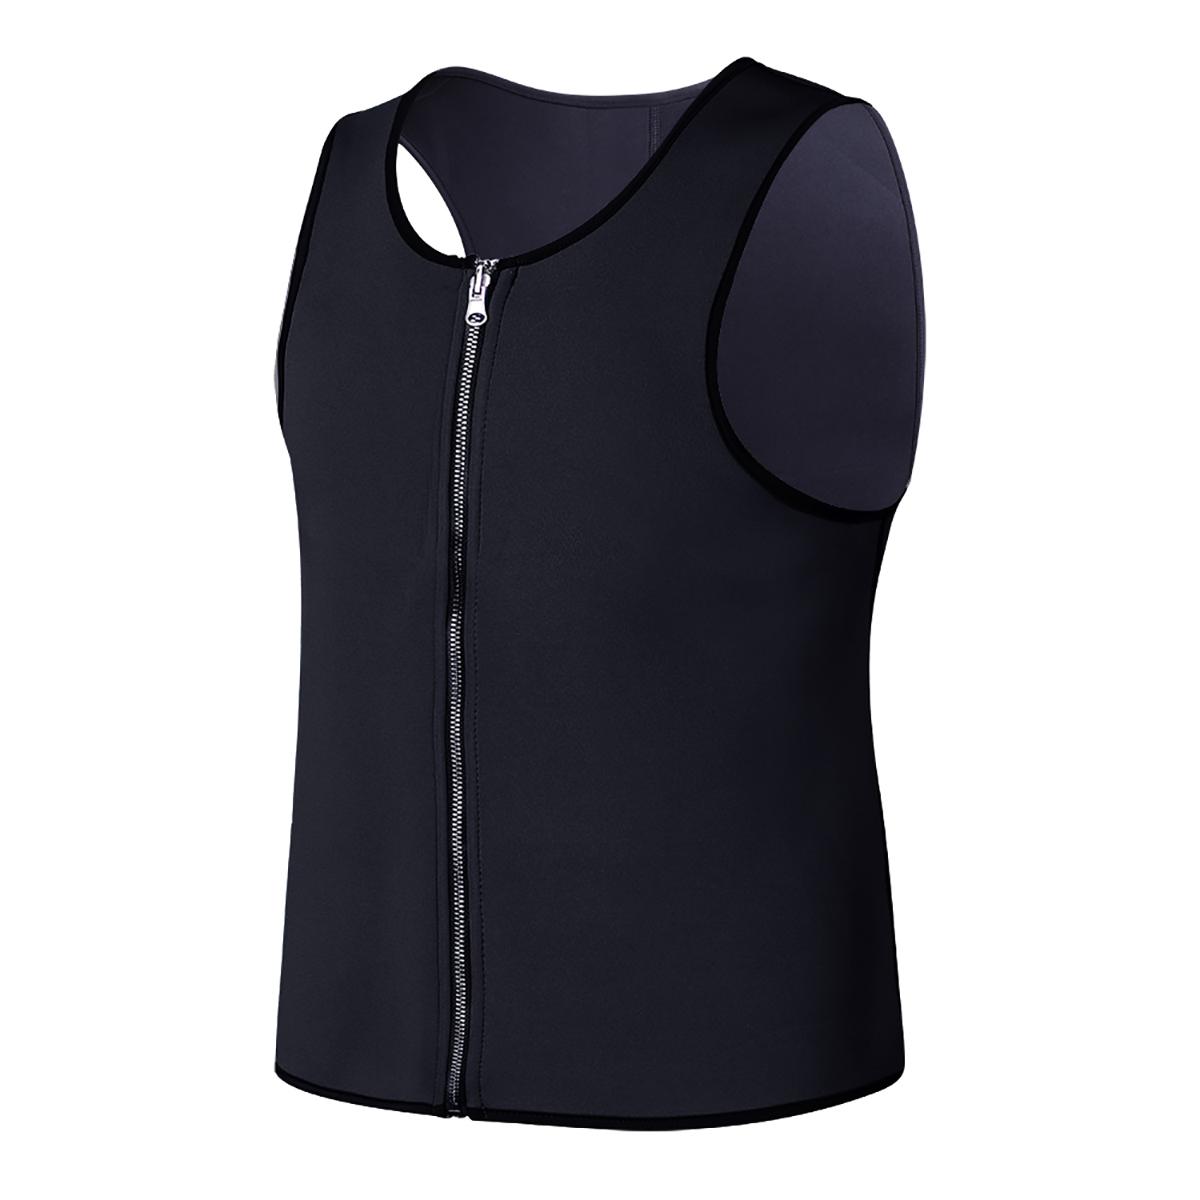 Пот Сауна Body Shaper Men Vest Thermo Неопреновый тренажер для похудения Пояс для похудения Ремень Спортивный костюм Up Grade